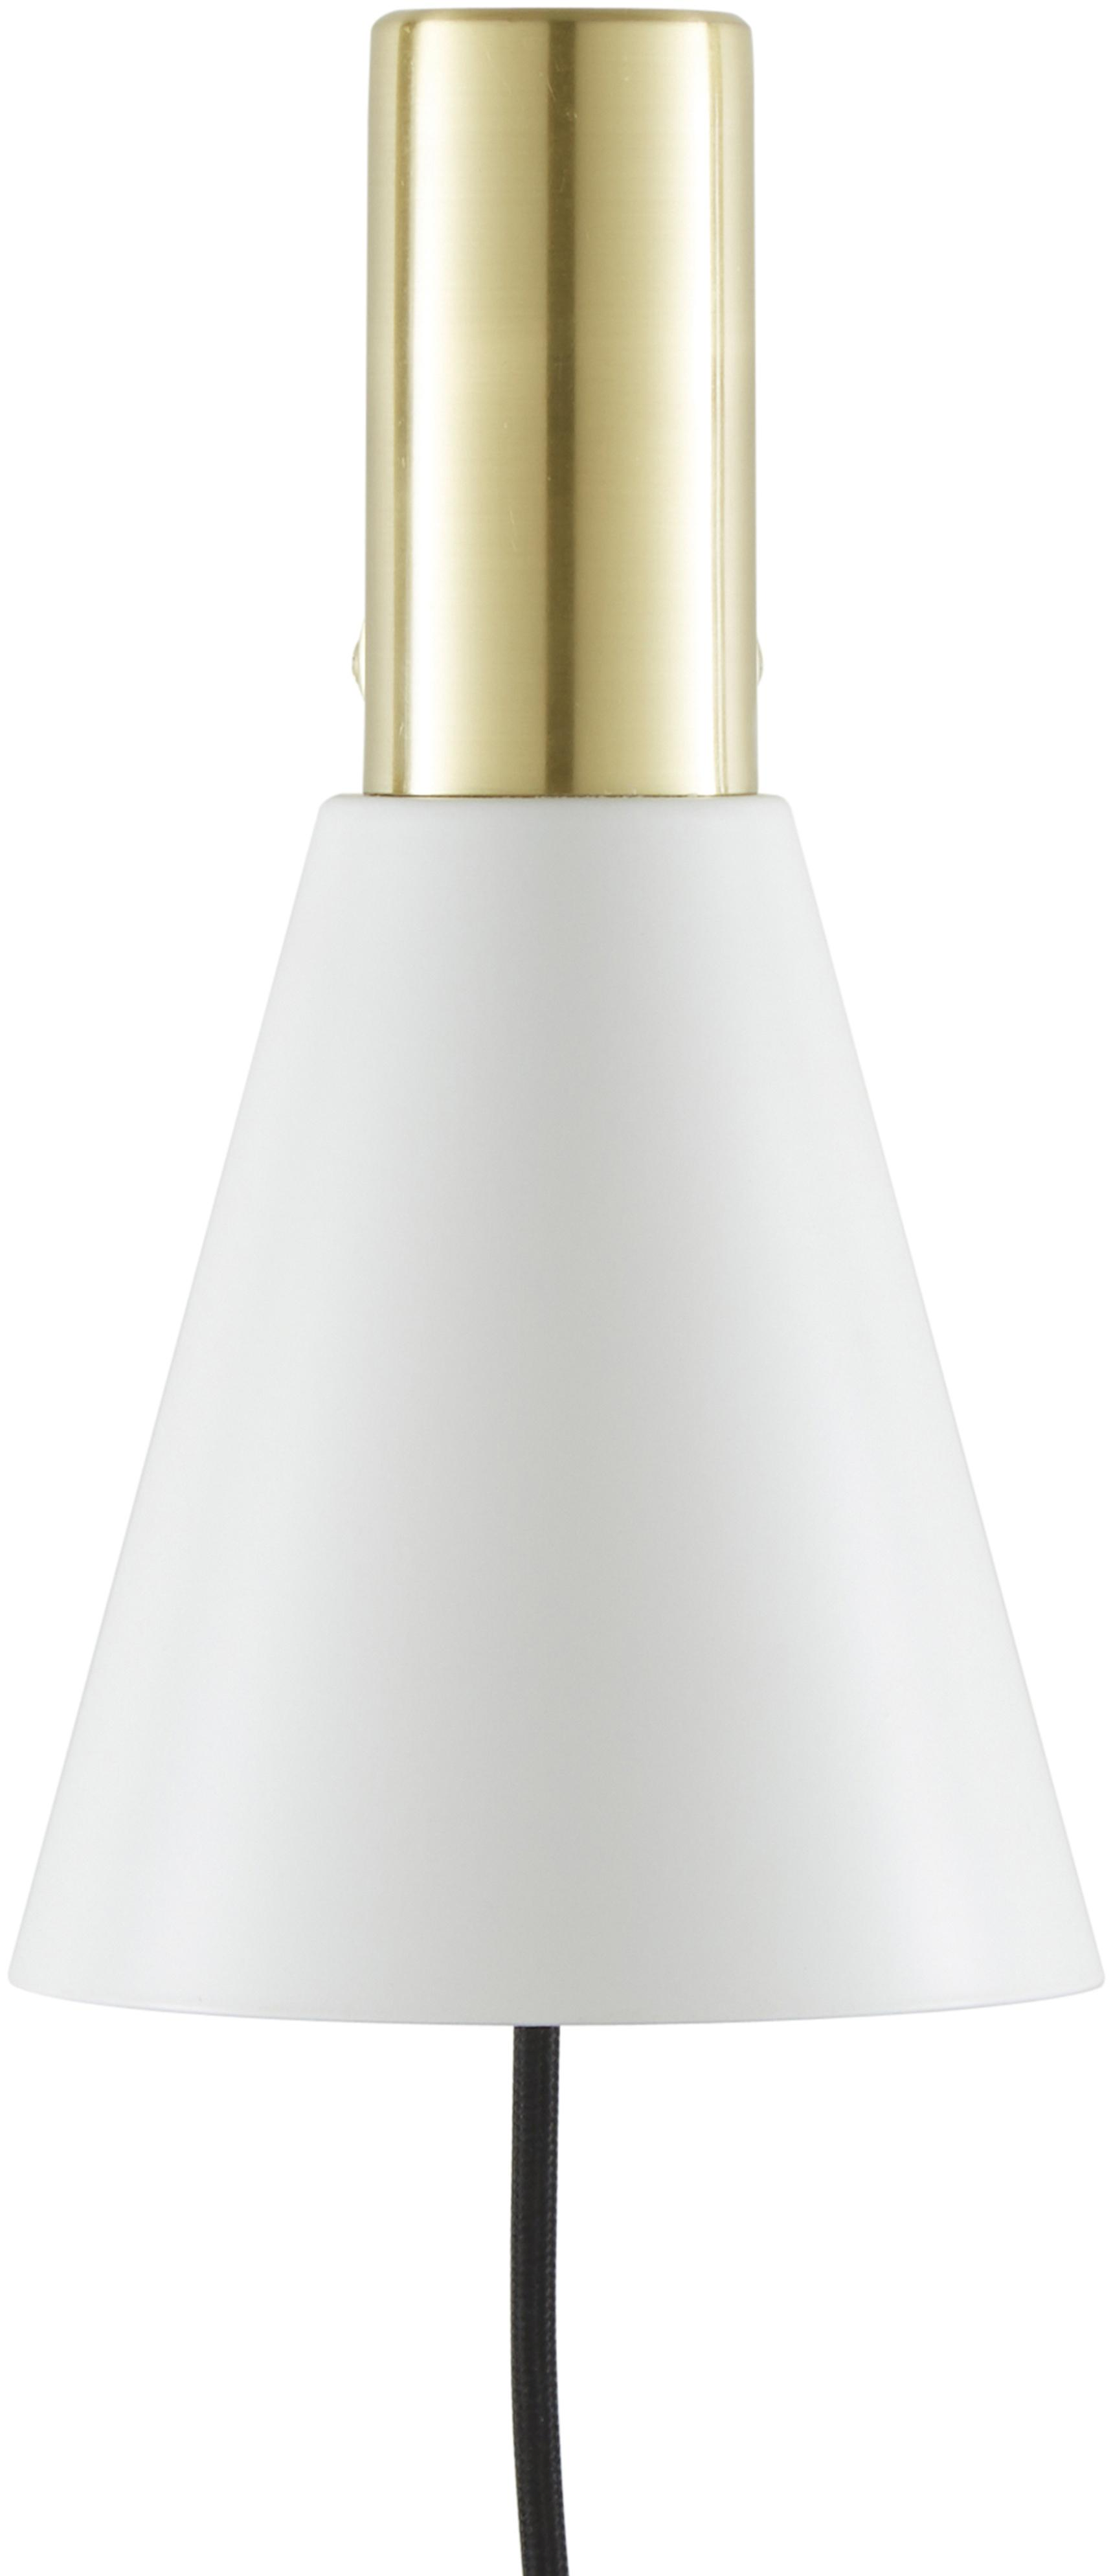 Wandleuchte Sia mit Stecker, Lampenschirm: Metall, pulverbeschichtet, Weiß, Messingfarben, Ø 13 x H 27 cm